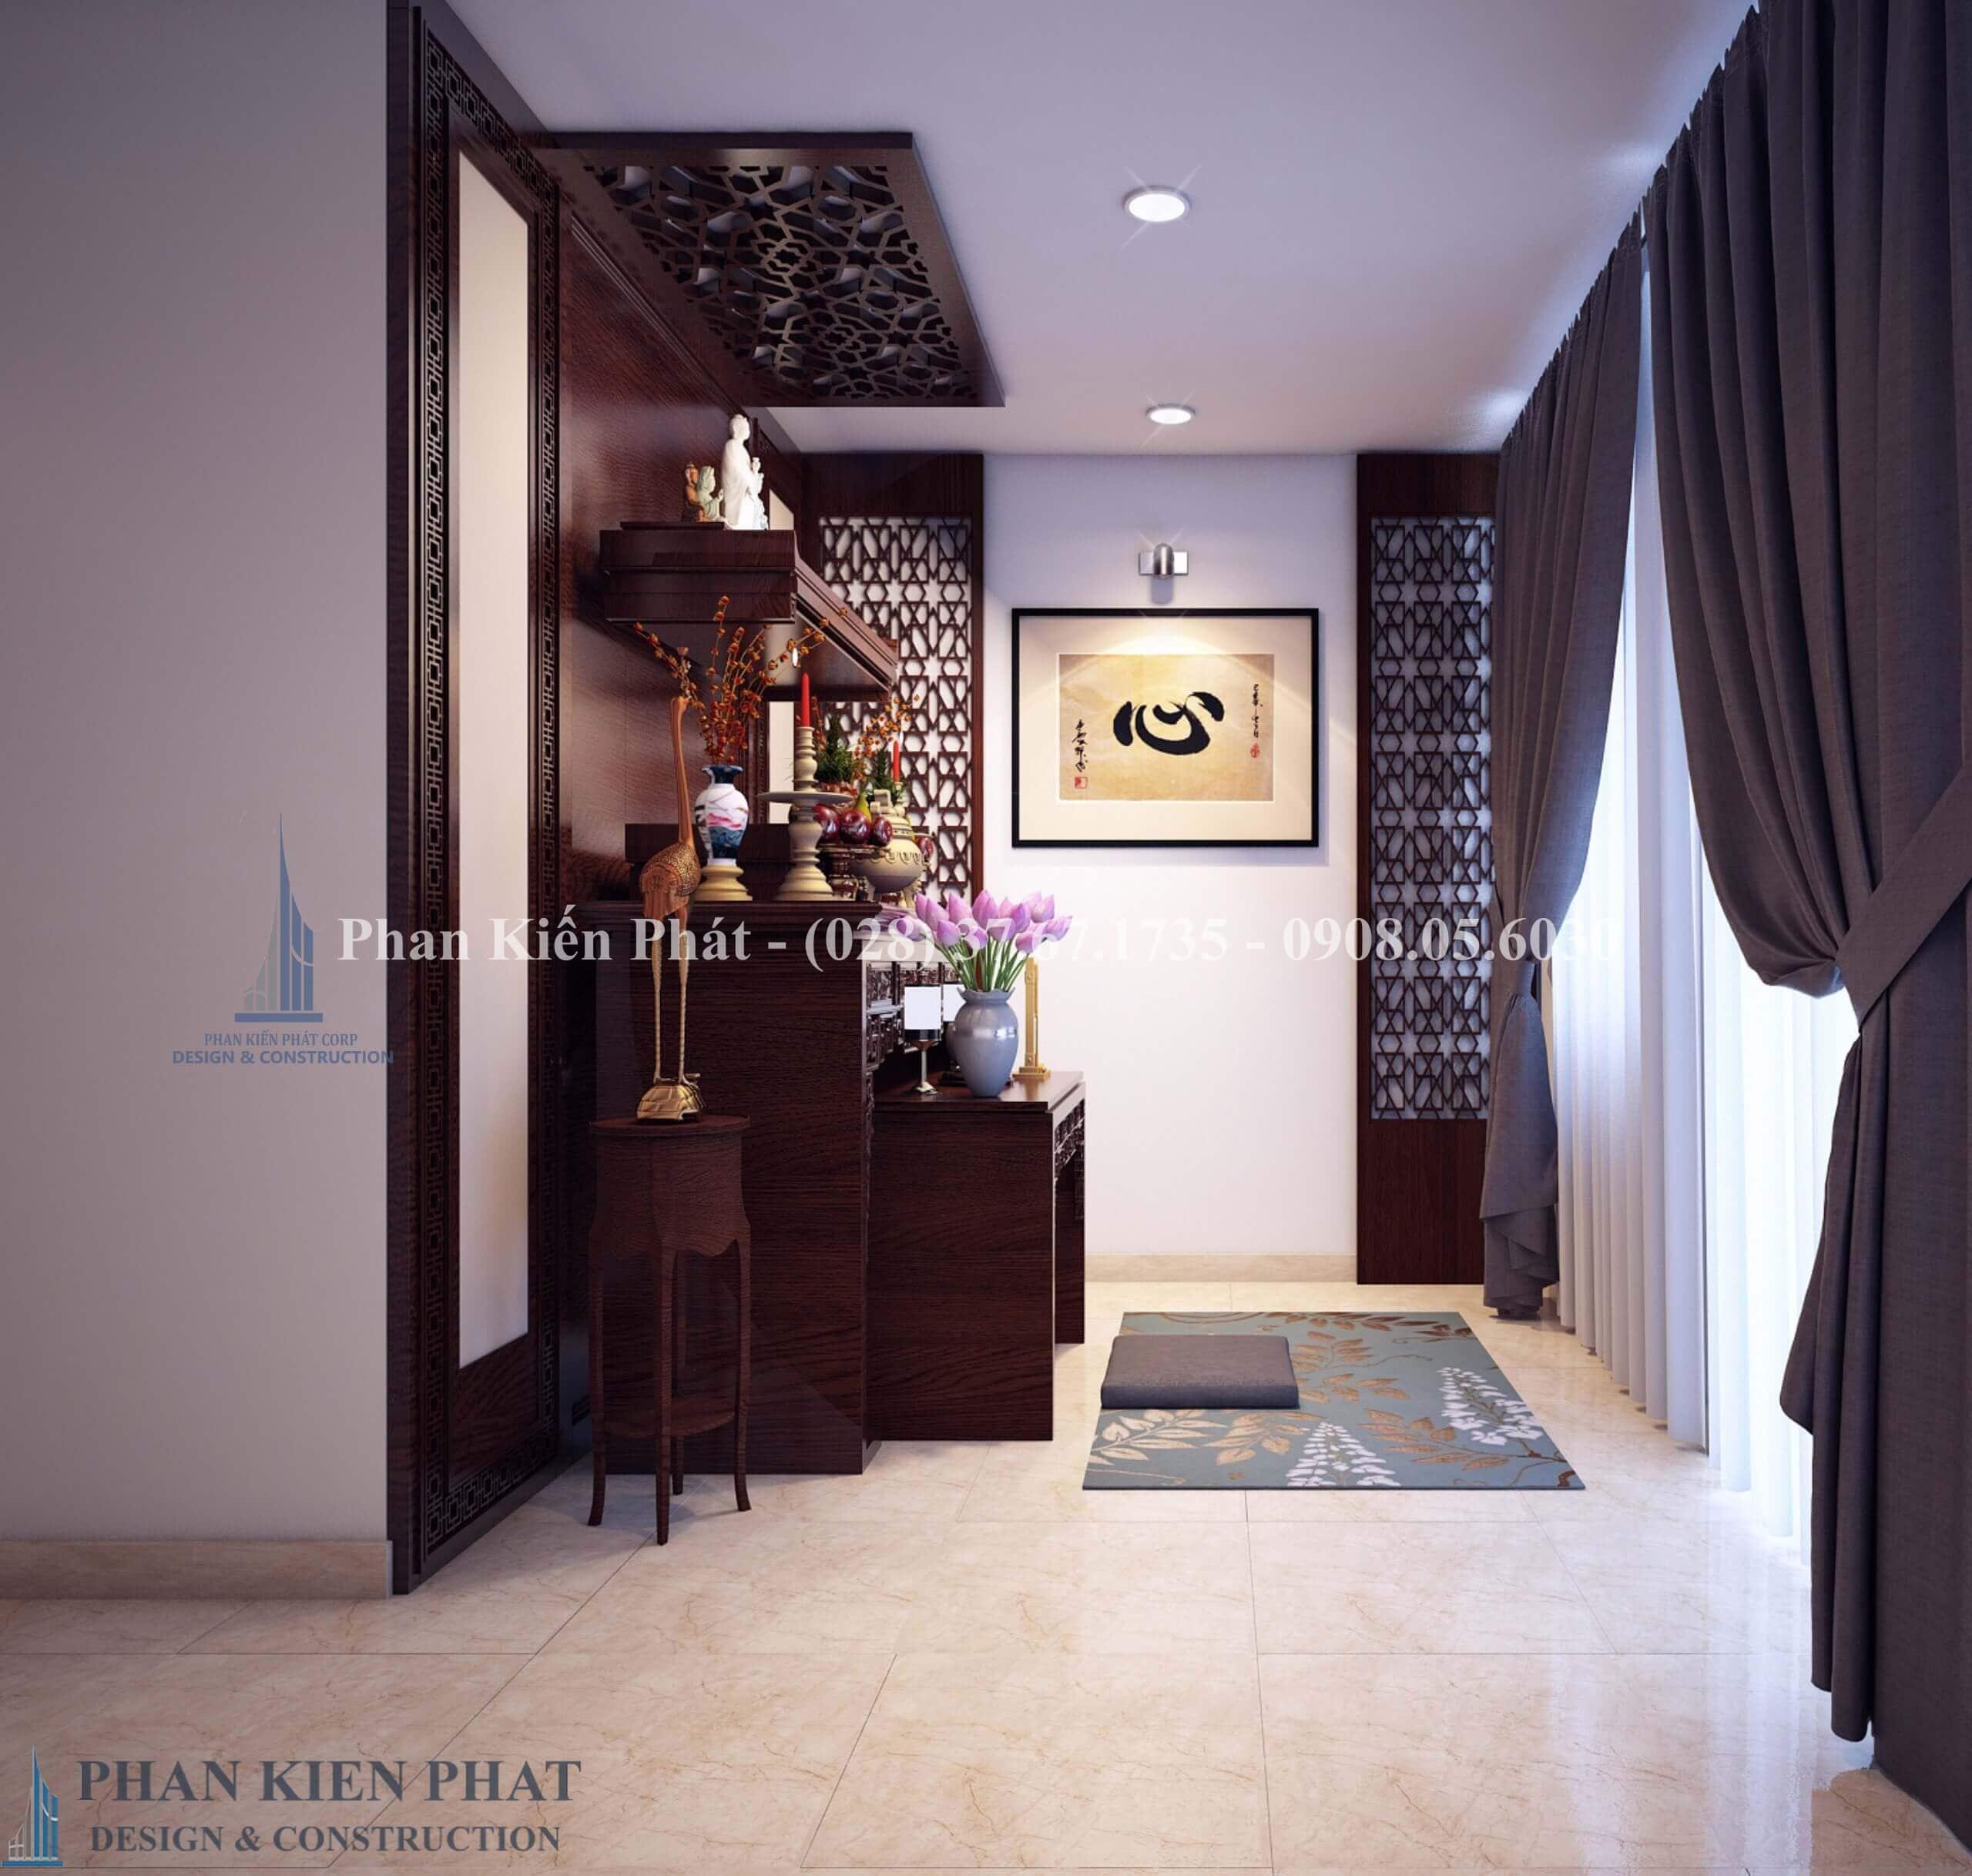 Thiet Ke Noi That Phong Tho View1 - mẫu thiết kế nhà phố 3 tầng